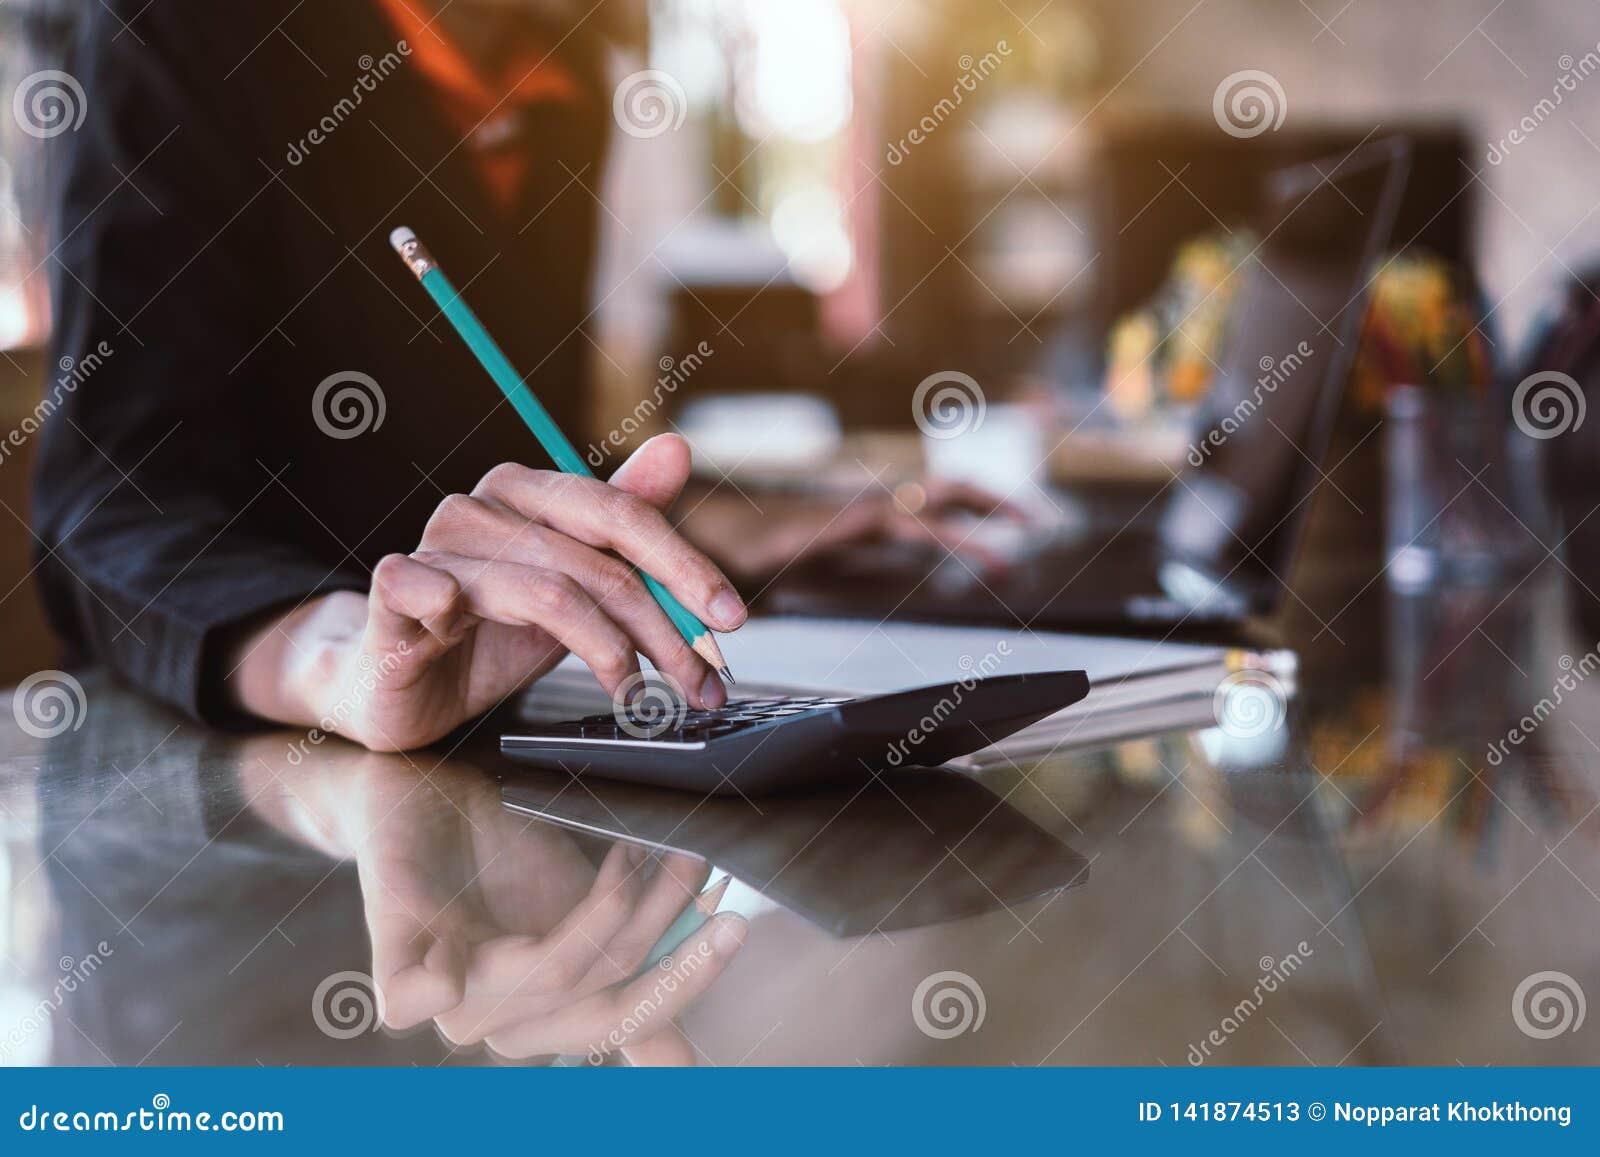 Συμπίεση χεριών επιχειρηματιών στον υπολογιστή για τον υπολογισμό του υπολογισμού δαπανών